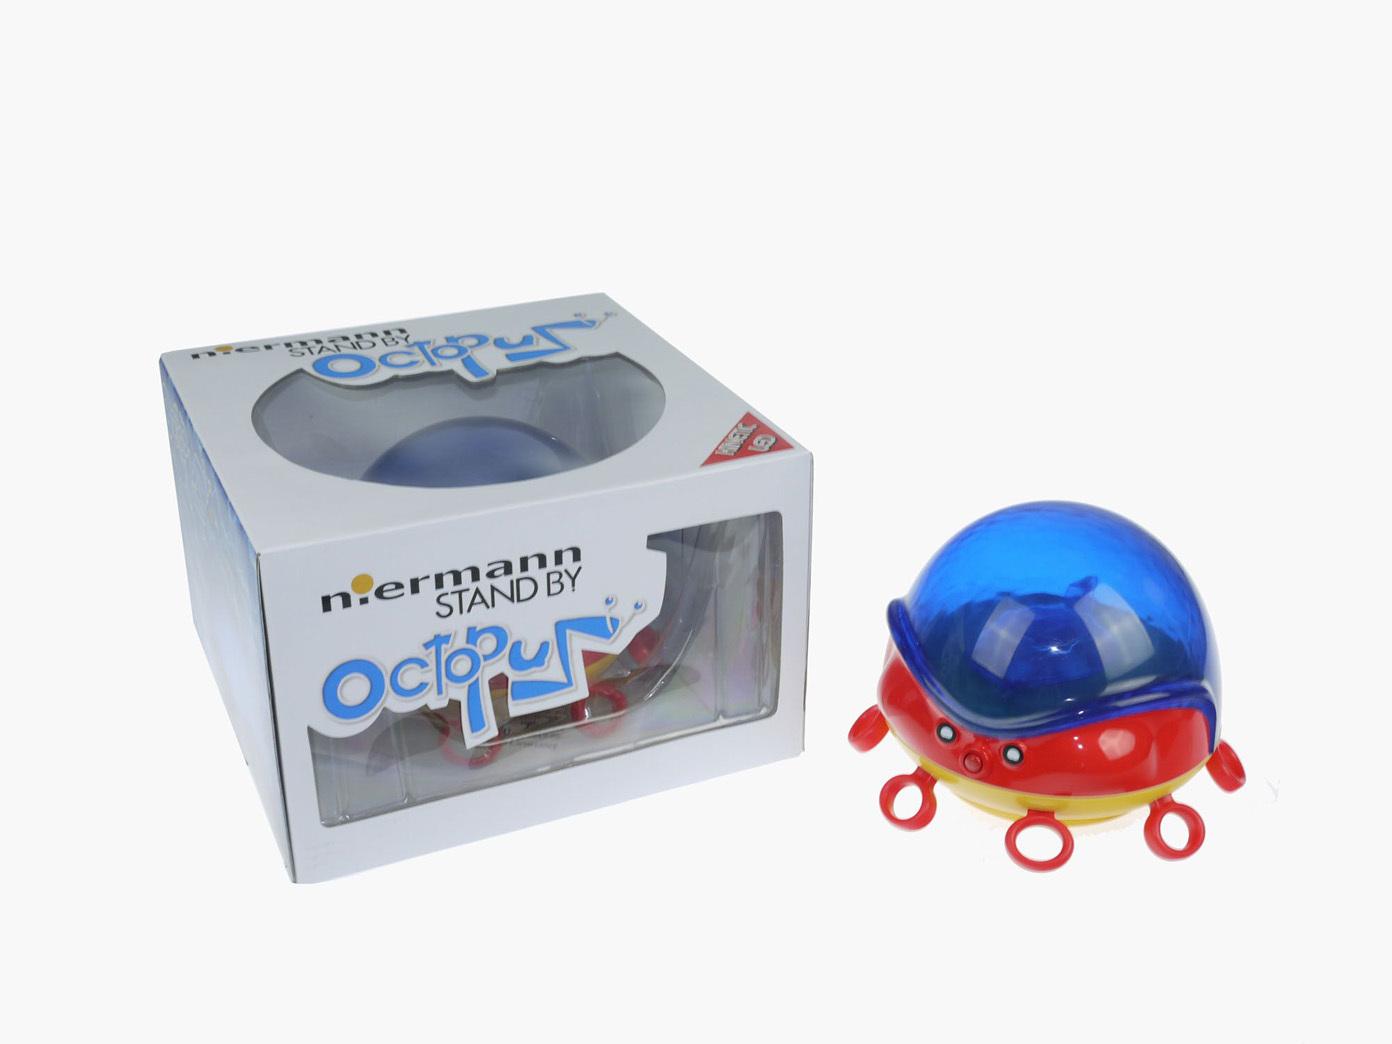 2 x nachtlicht baby octopus led farbwechsler projiziert bunte wellen kinderlicht ebay. Black Bedroom Furniture Sets. Home Design Ideas